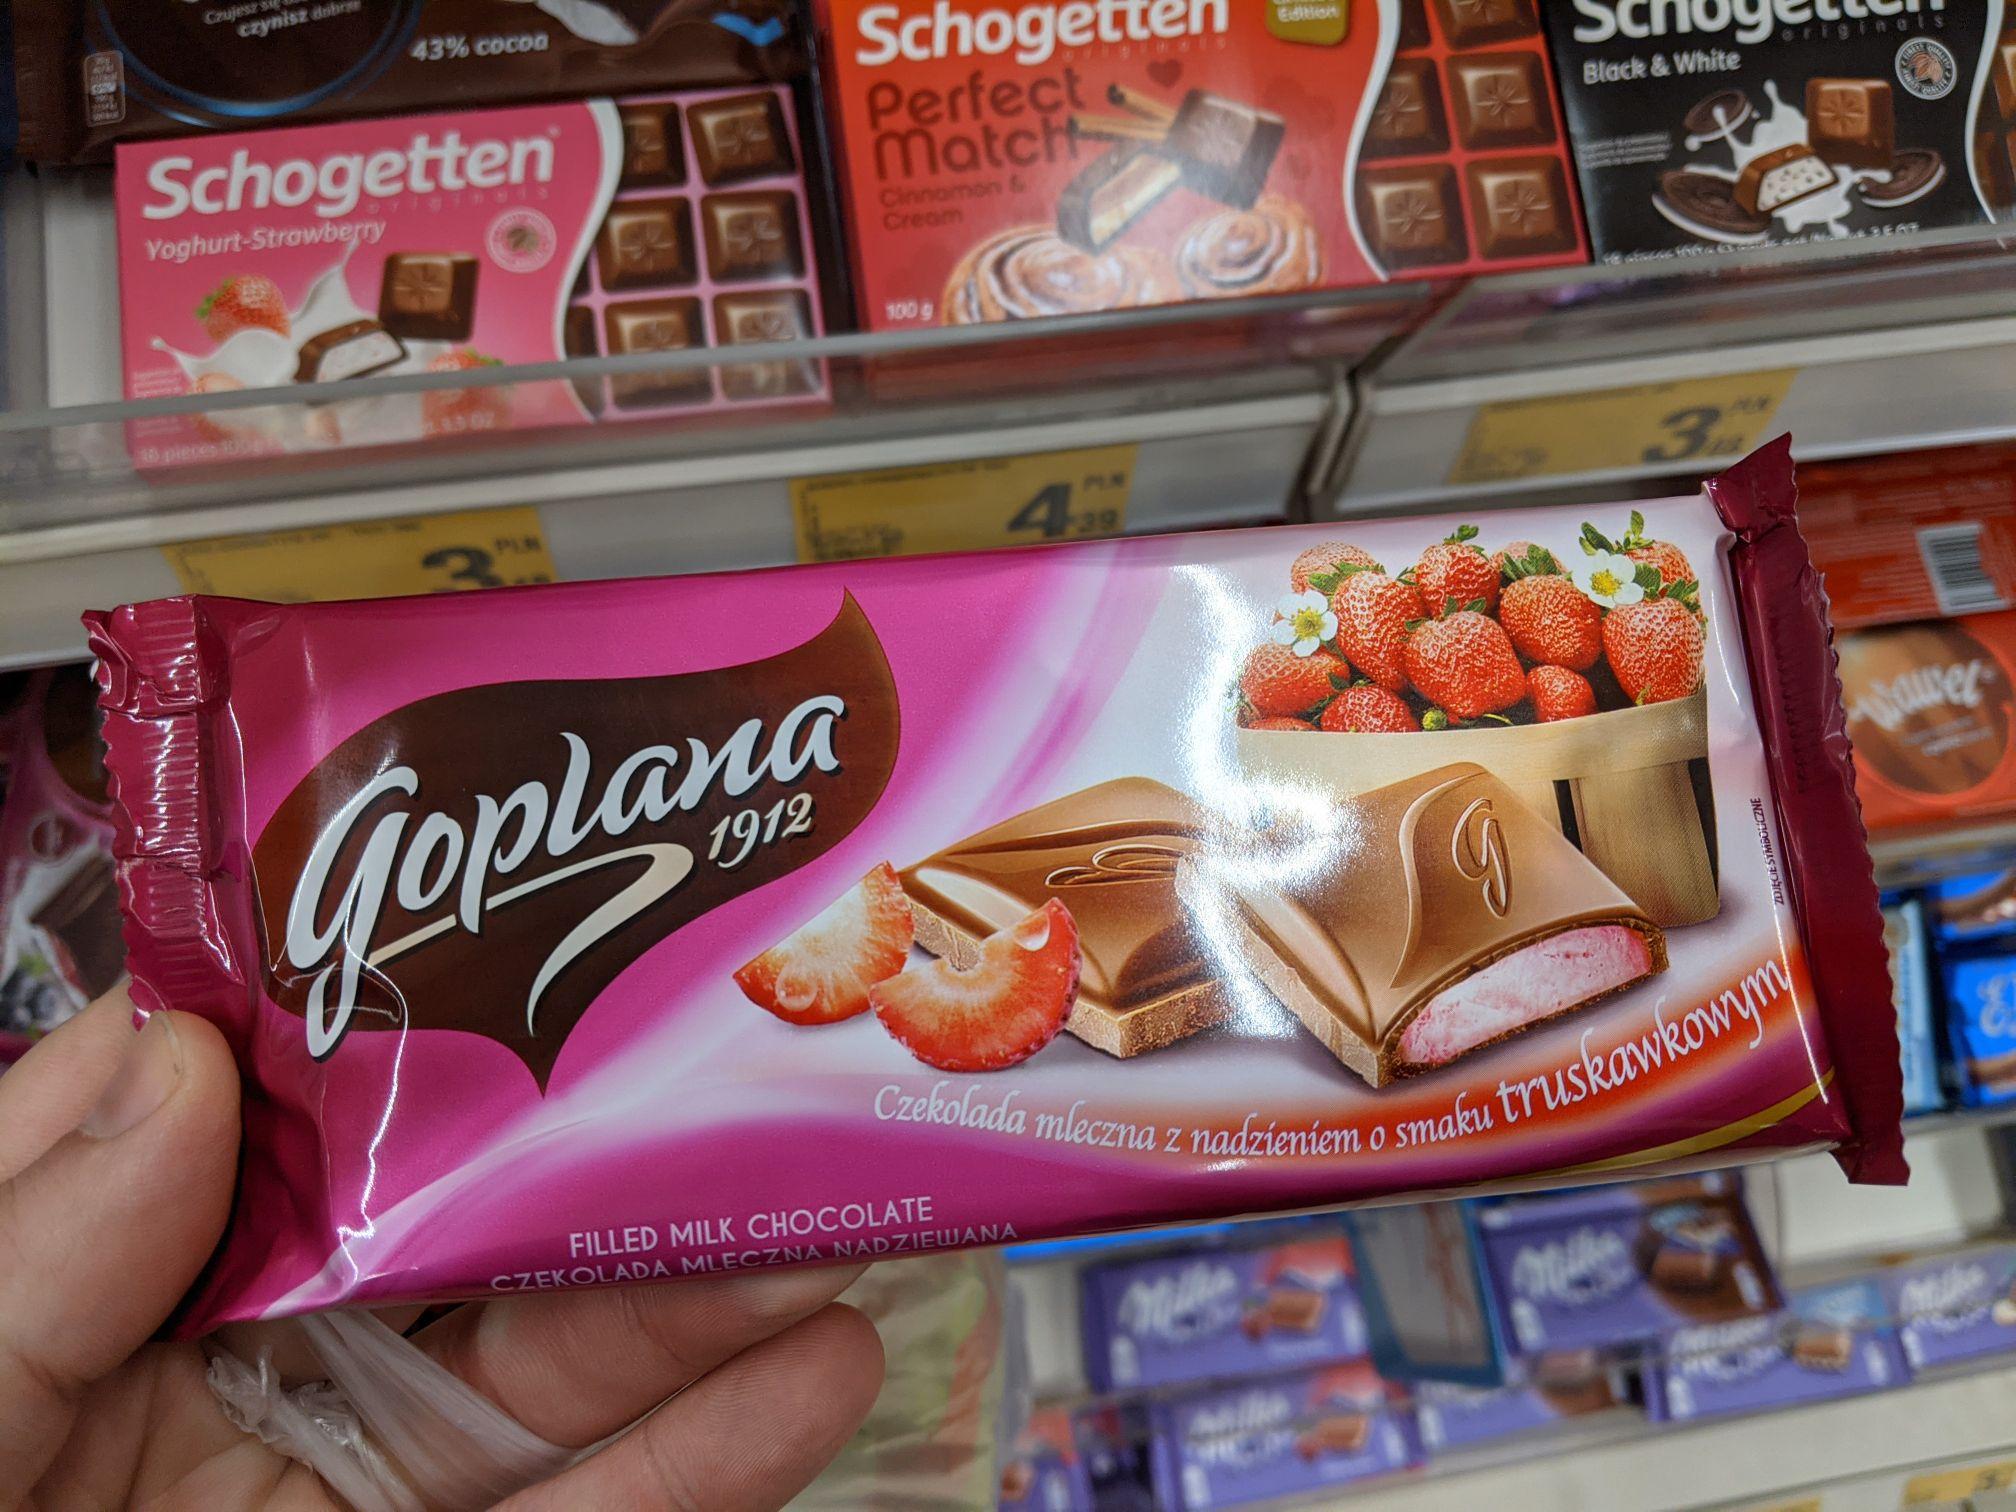 Czekolada mleczna z nadzieniem o smaku truskawkowym Goplana 88g. Auchan